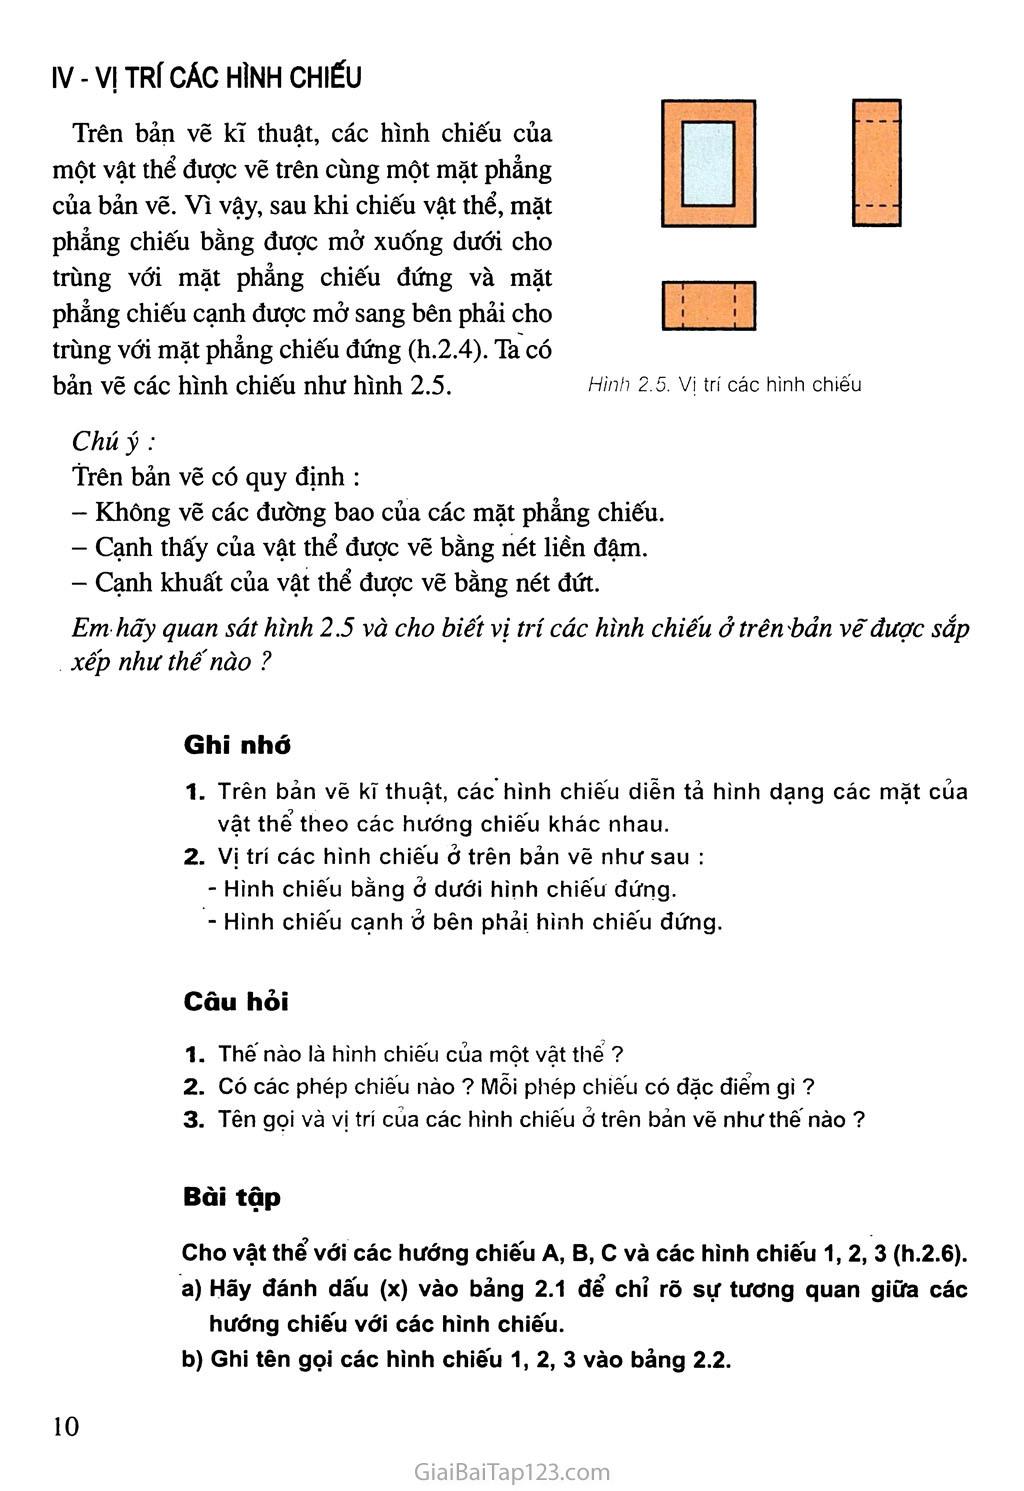 Bài 2. Hình chiếu trang 3